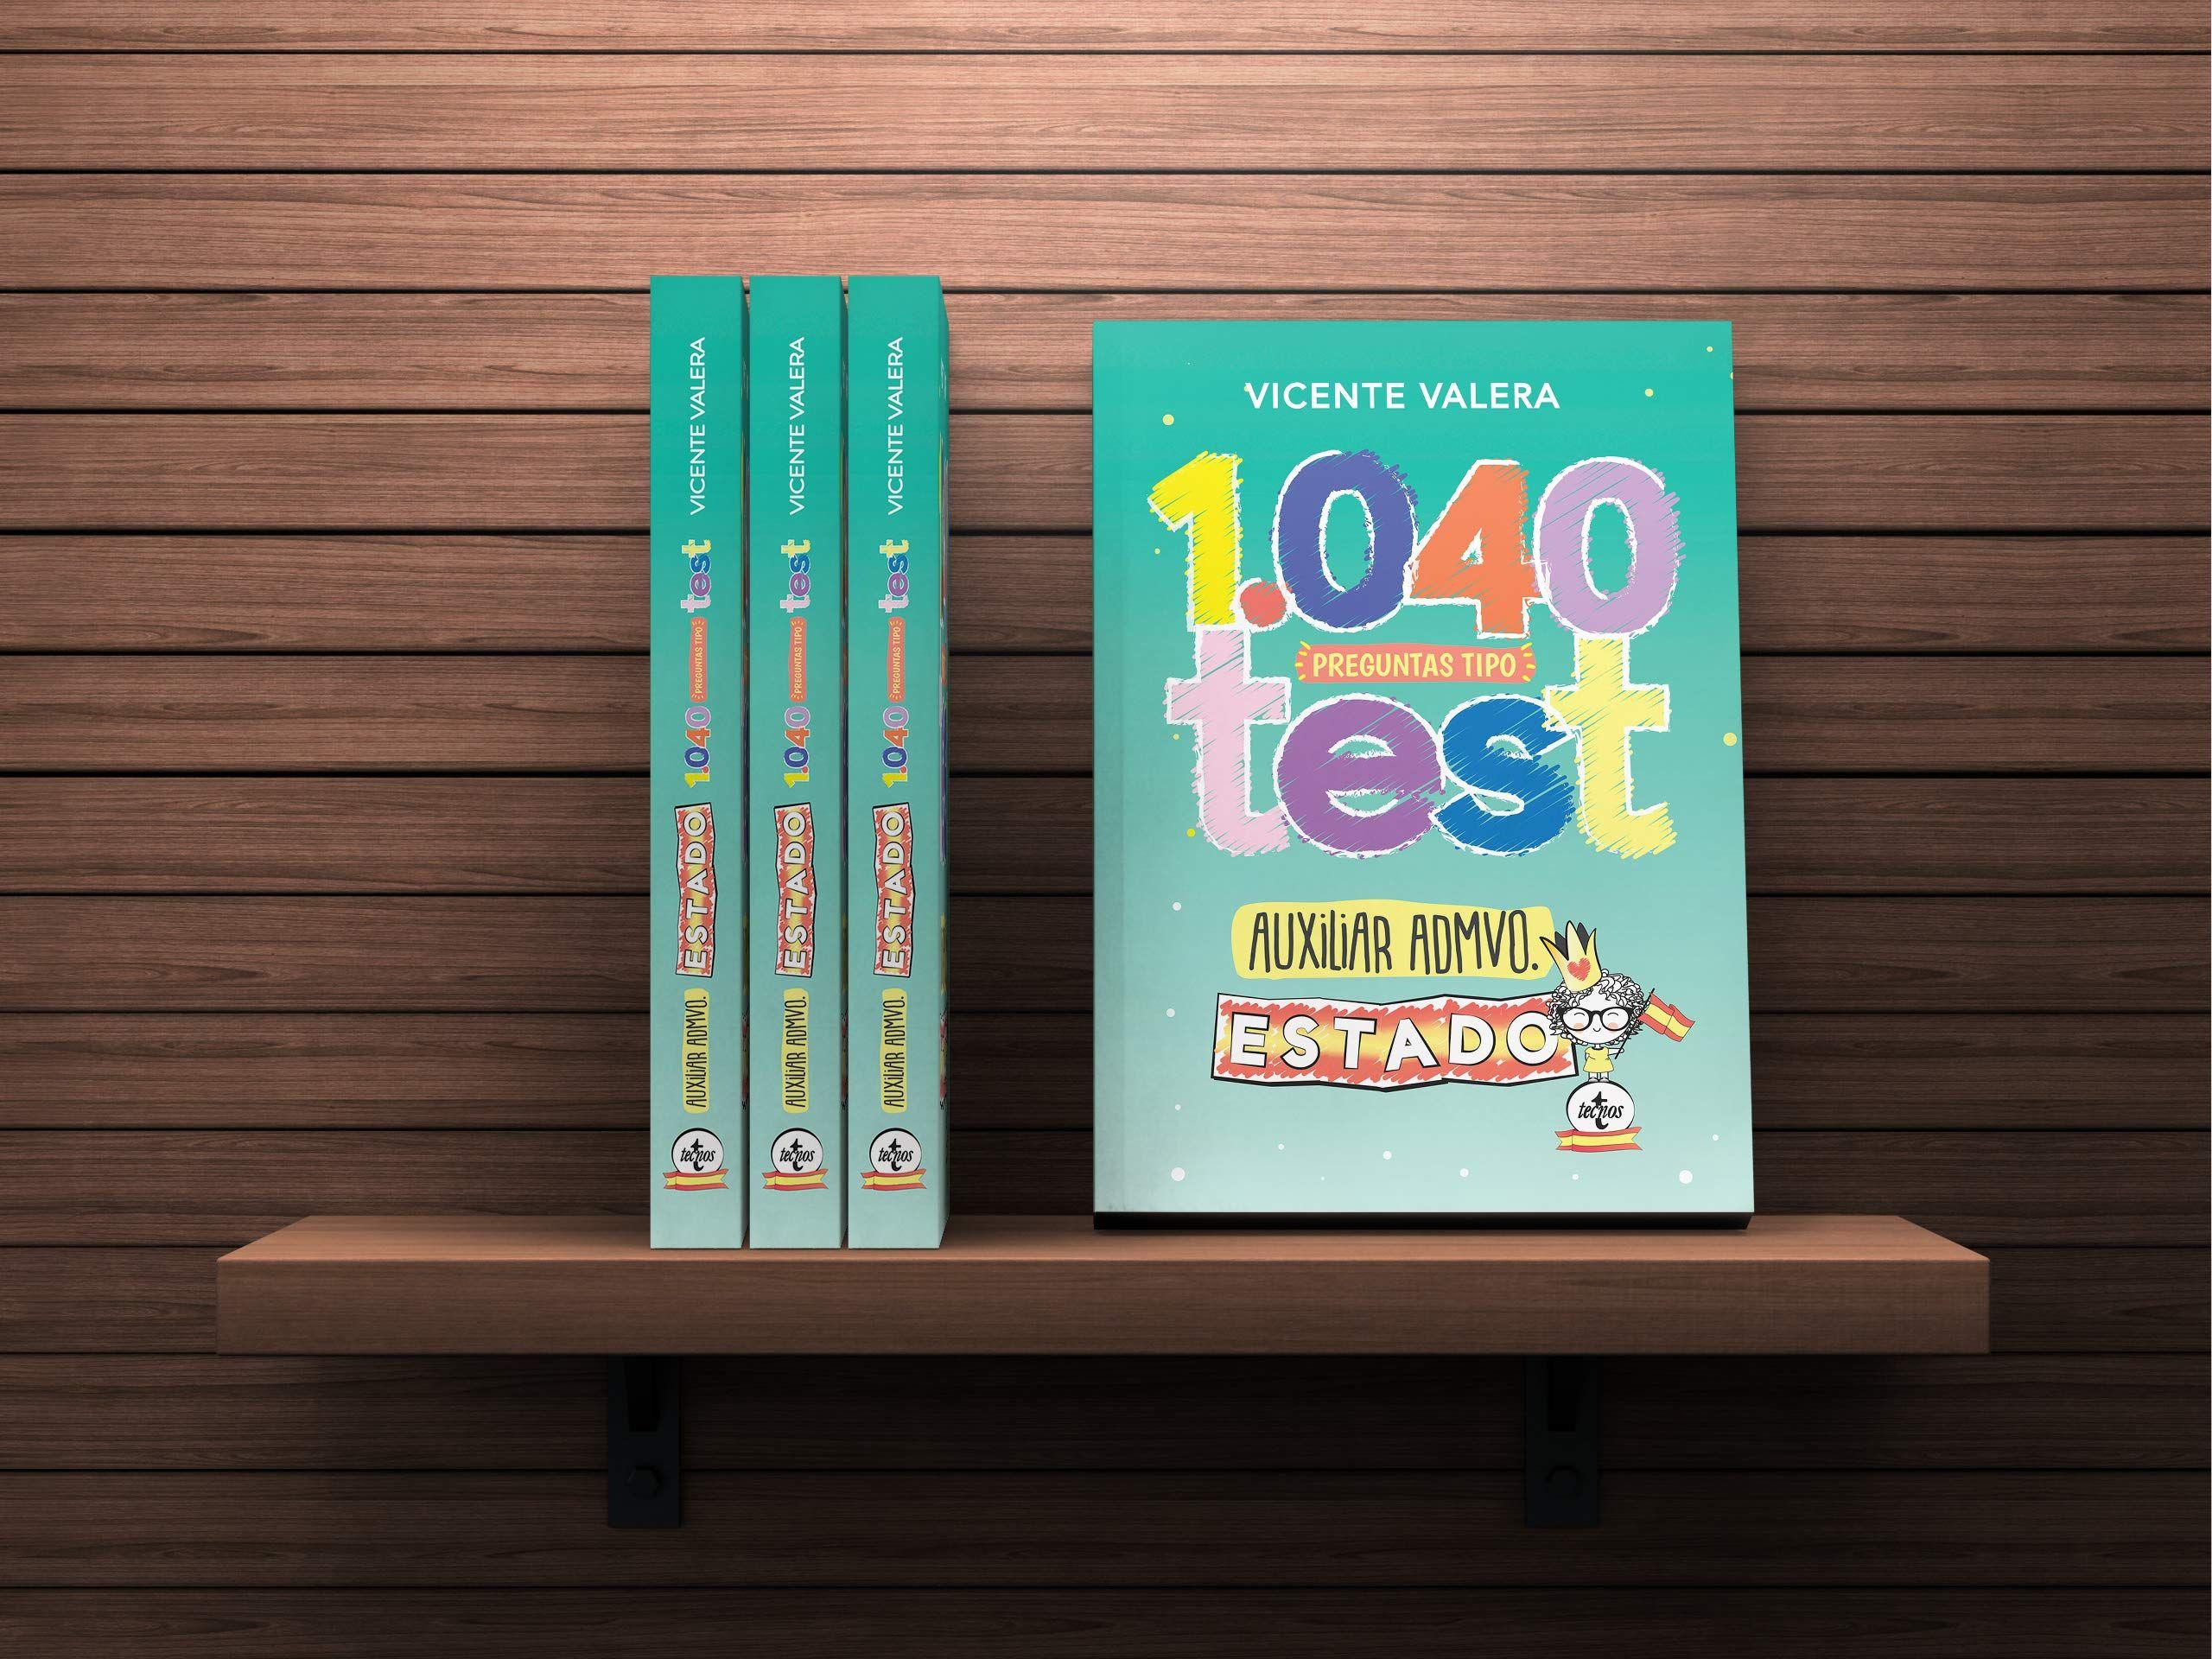 1040 Preguntas Tipo Test Auxiliar Administrativo Del Estado Organizaci N P Blica Y Actividad Administrativa Derecho Actividades Administrativas Auxiliares